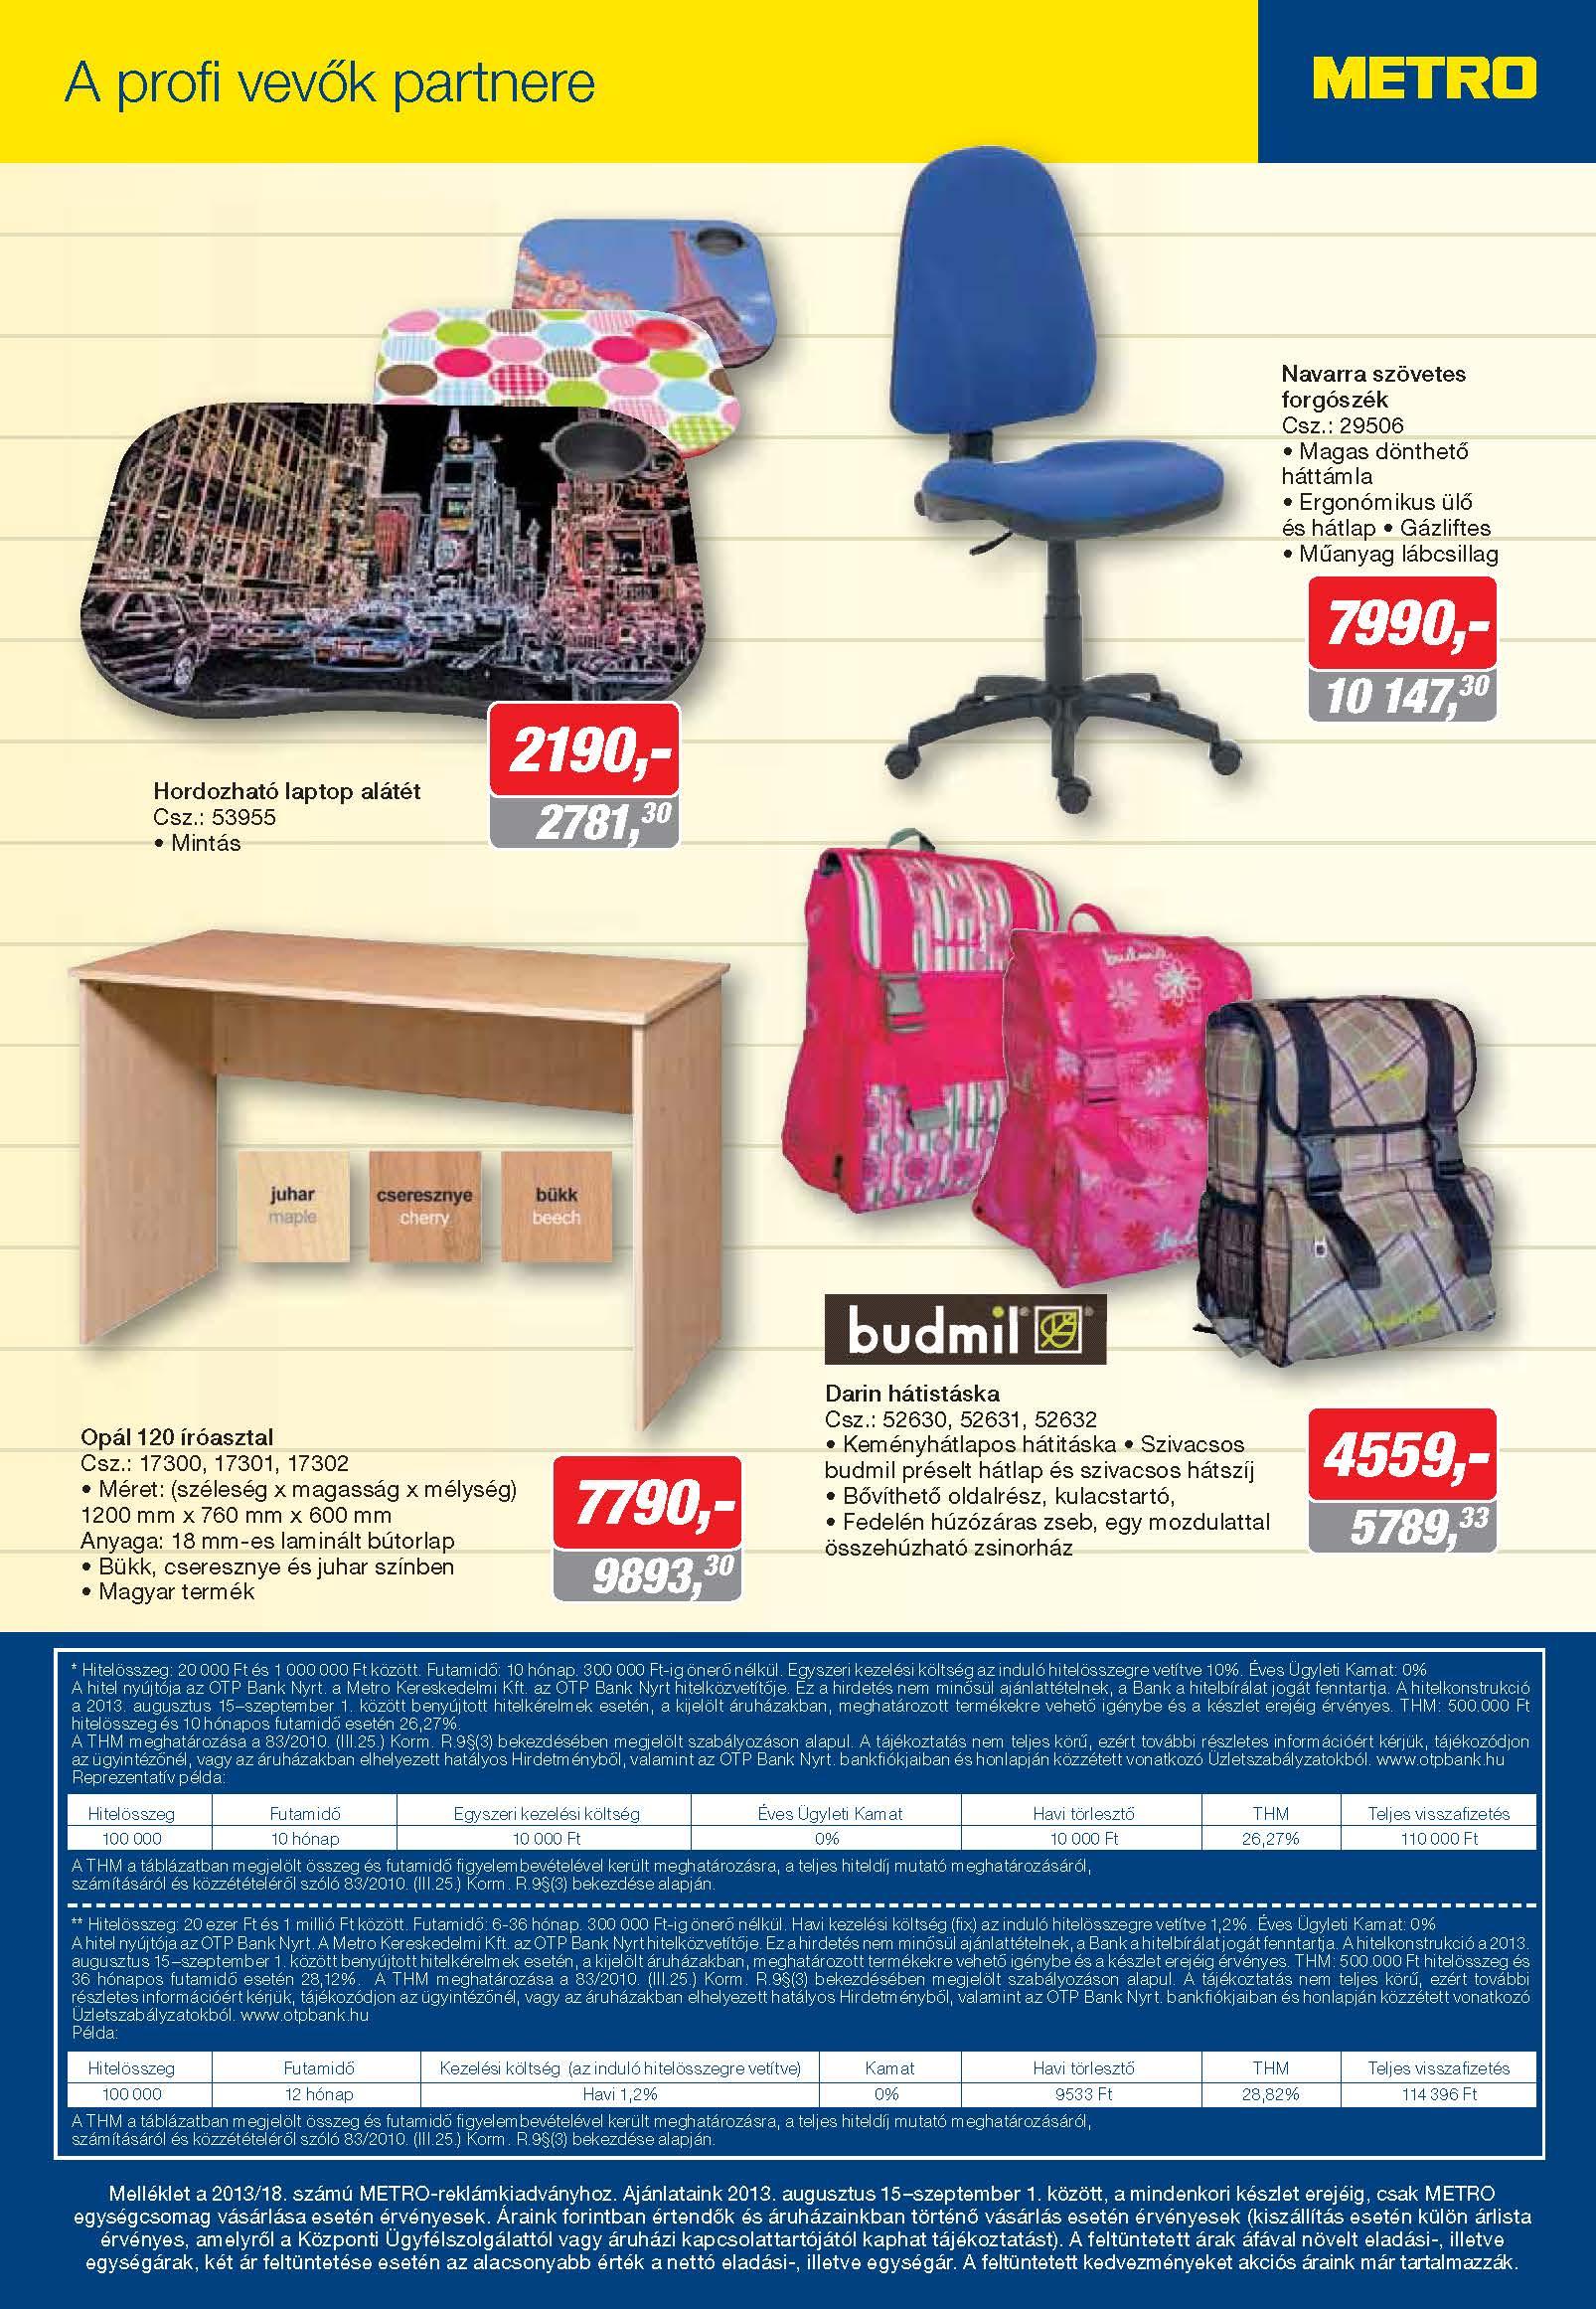 Metro Mađarska katalog sve za školu